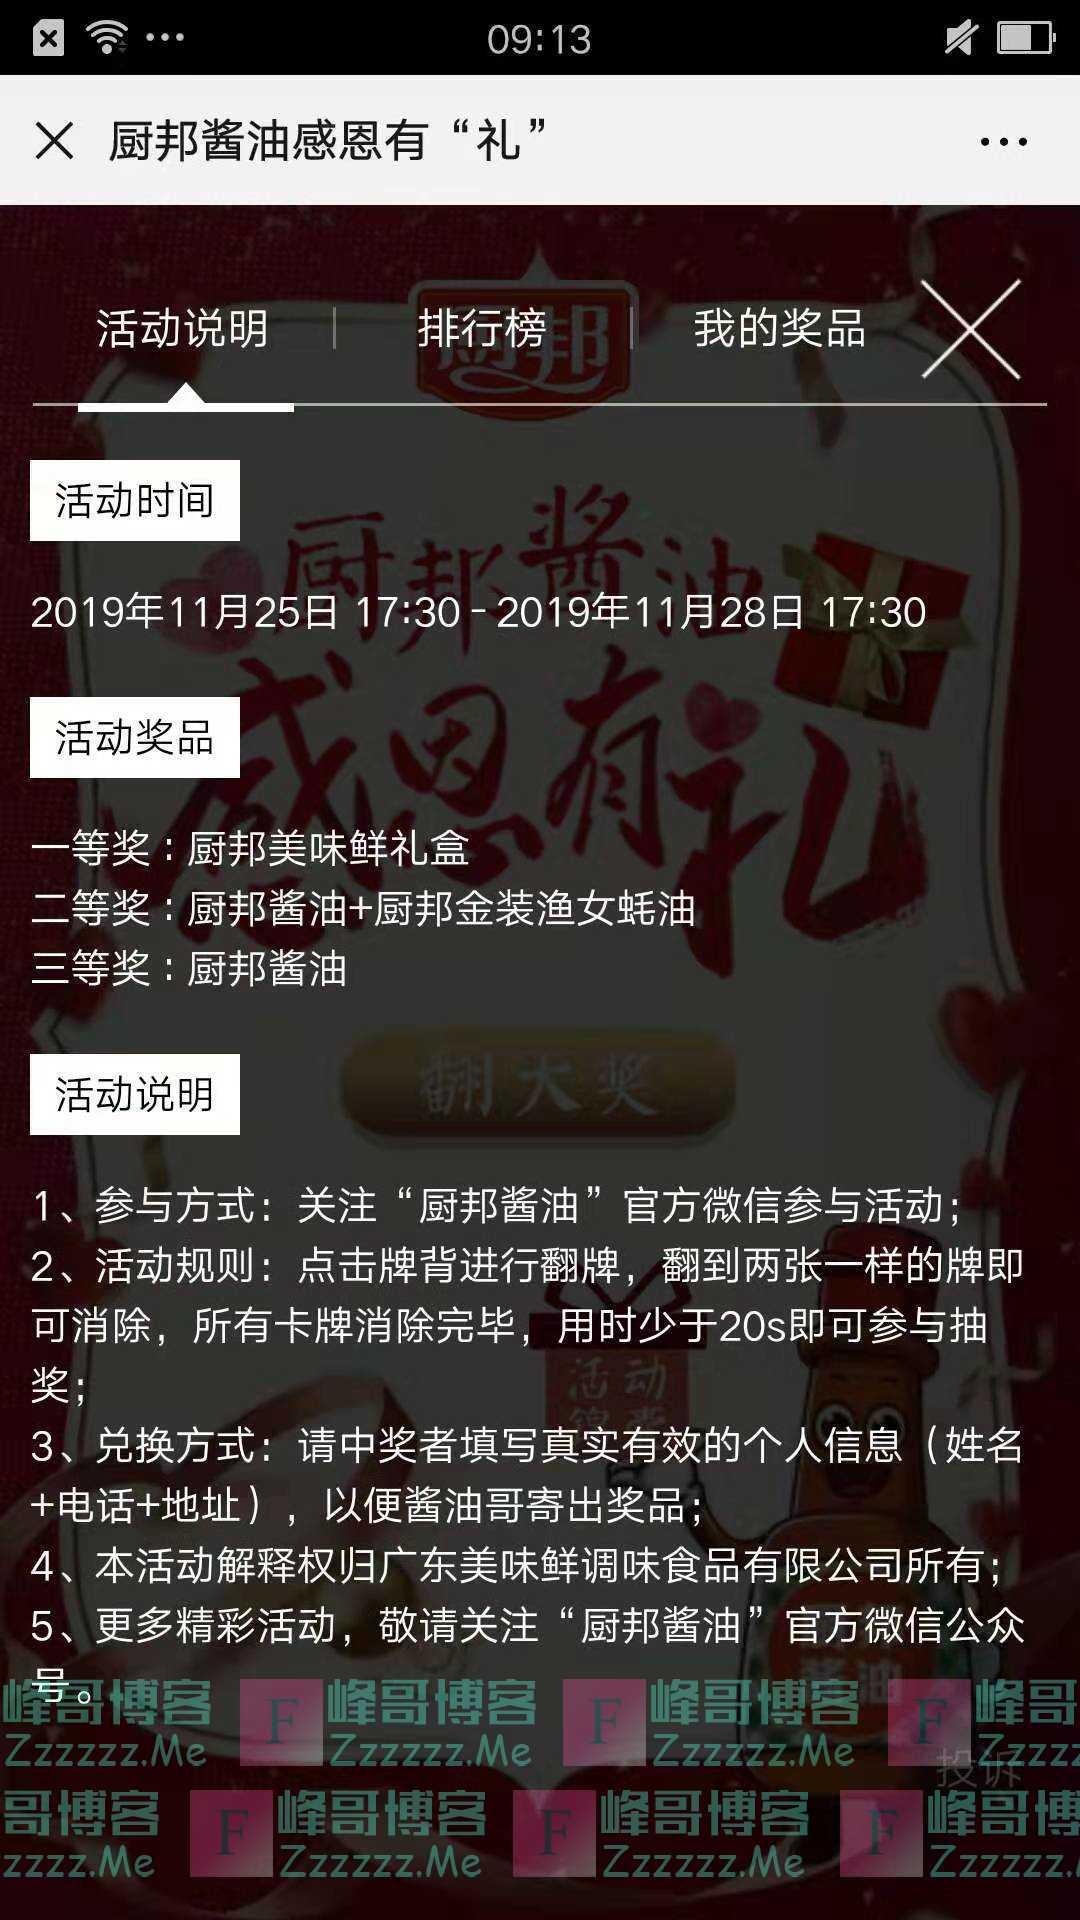 厨邦酱油感恩好礼(截止11月28日)